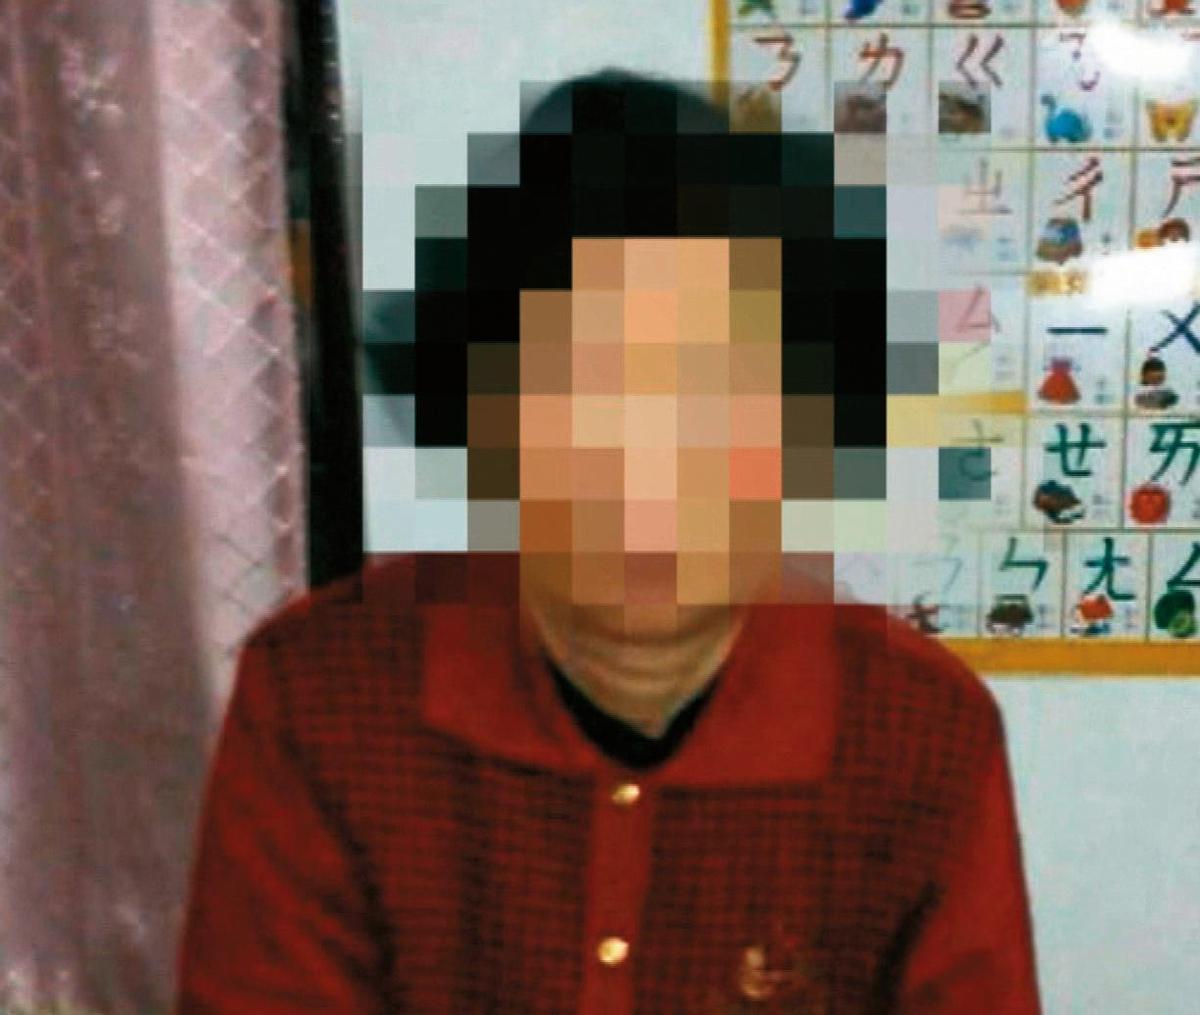 郭姓老婦遭殺害後,屍體被棉被包裹丟棄在西濱快速道路15.5公里處下方。